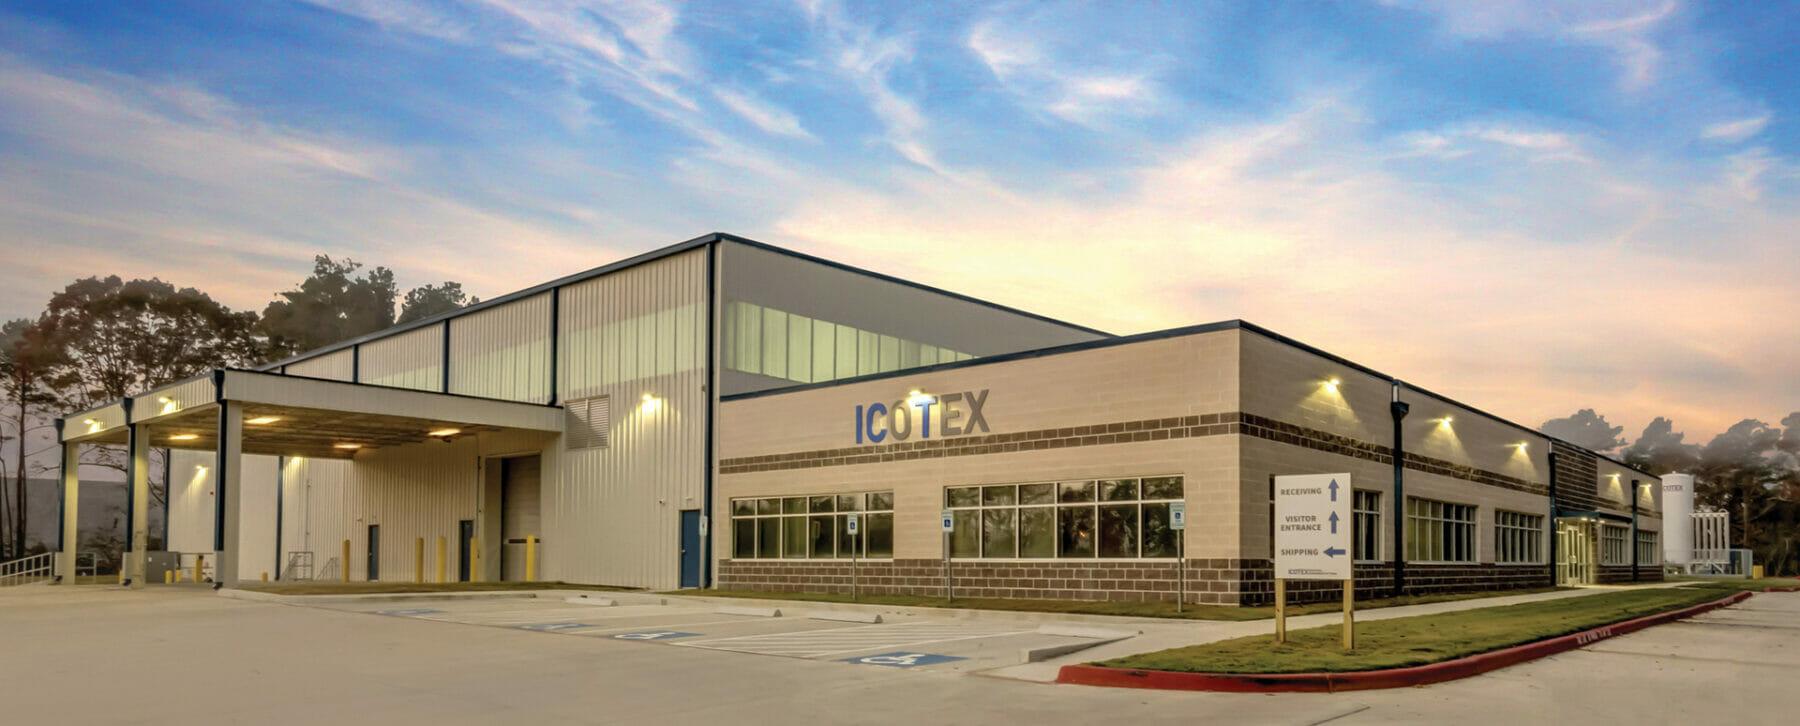 ICOTEX Conroe, TX 7